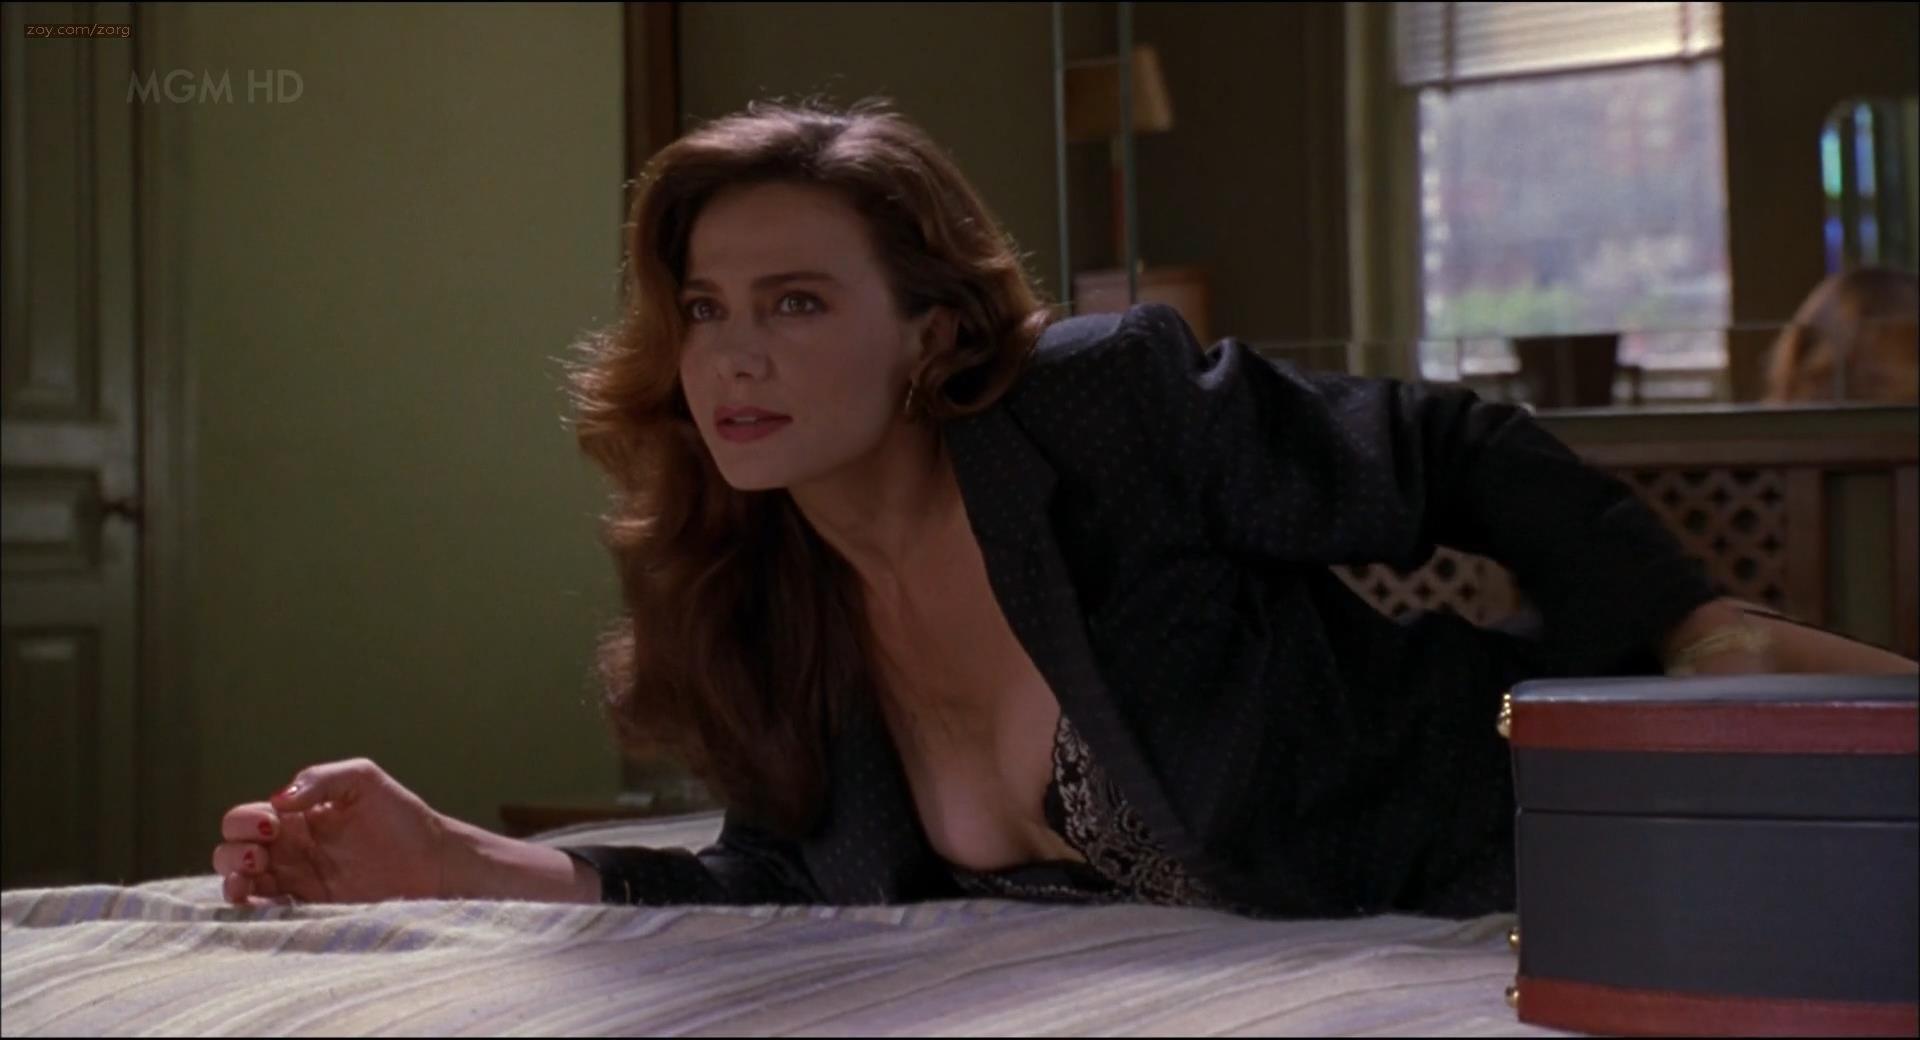 Lena olin nackt idea